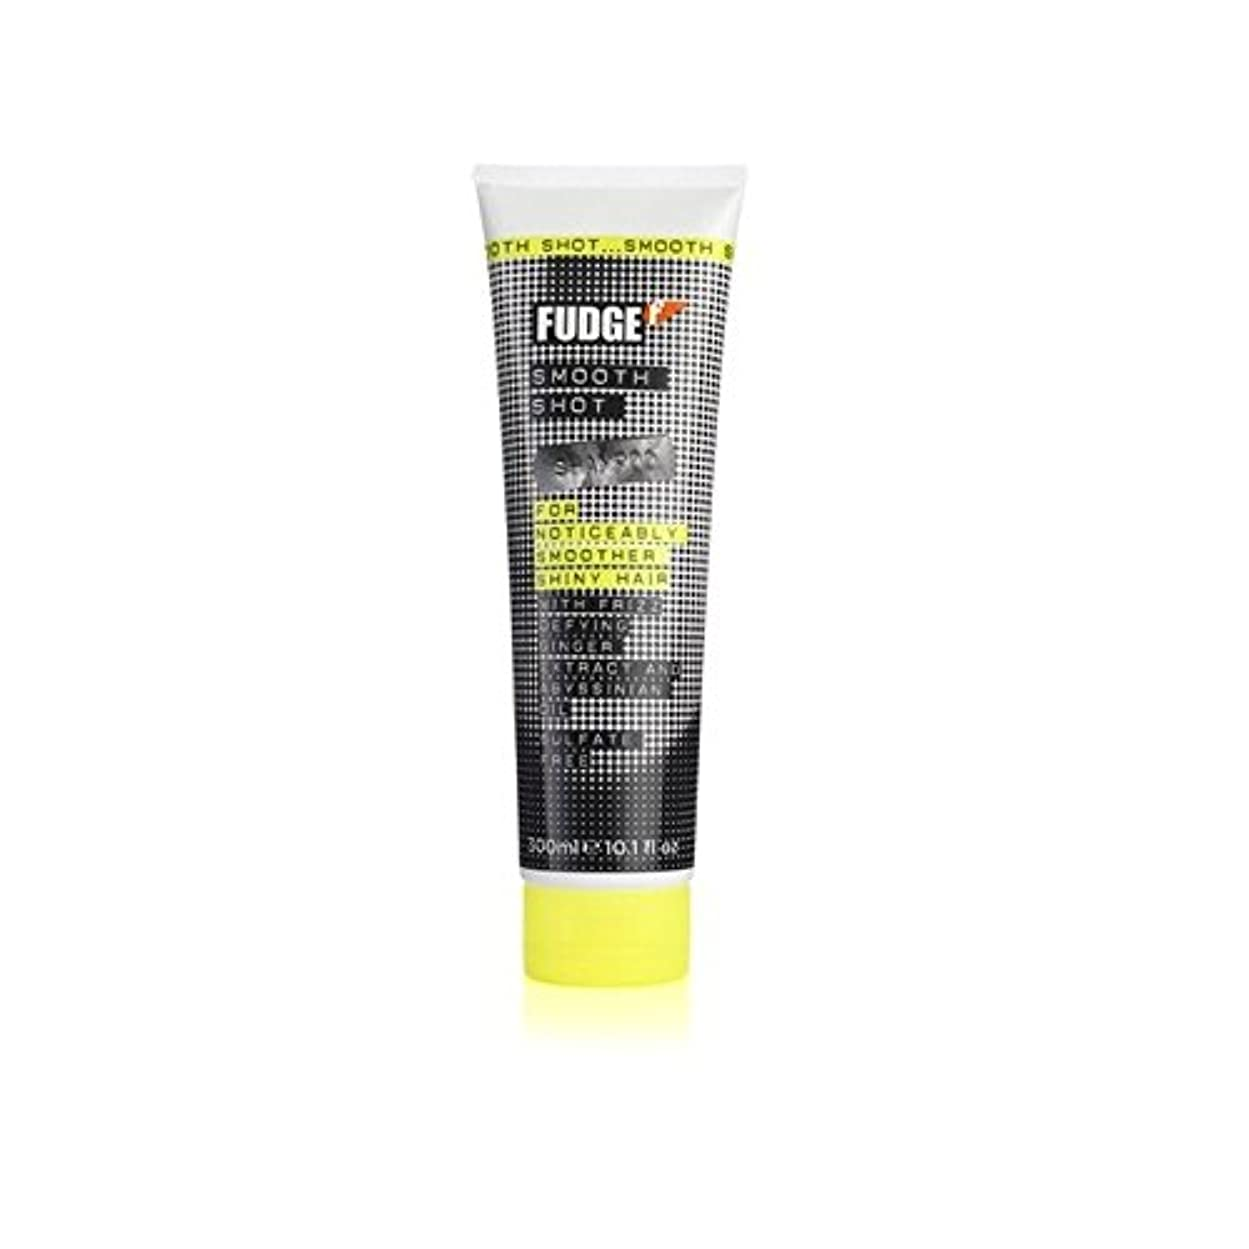 被害者枠クラシックファッジスムーズなショットシャンプー(300ミリリットル) x4 - Fudge Smooth Shot Shampoo (300ml) (Pack of 4) [並行輸入品]